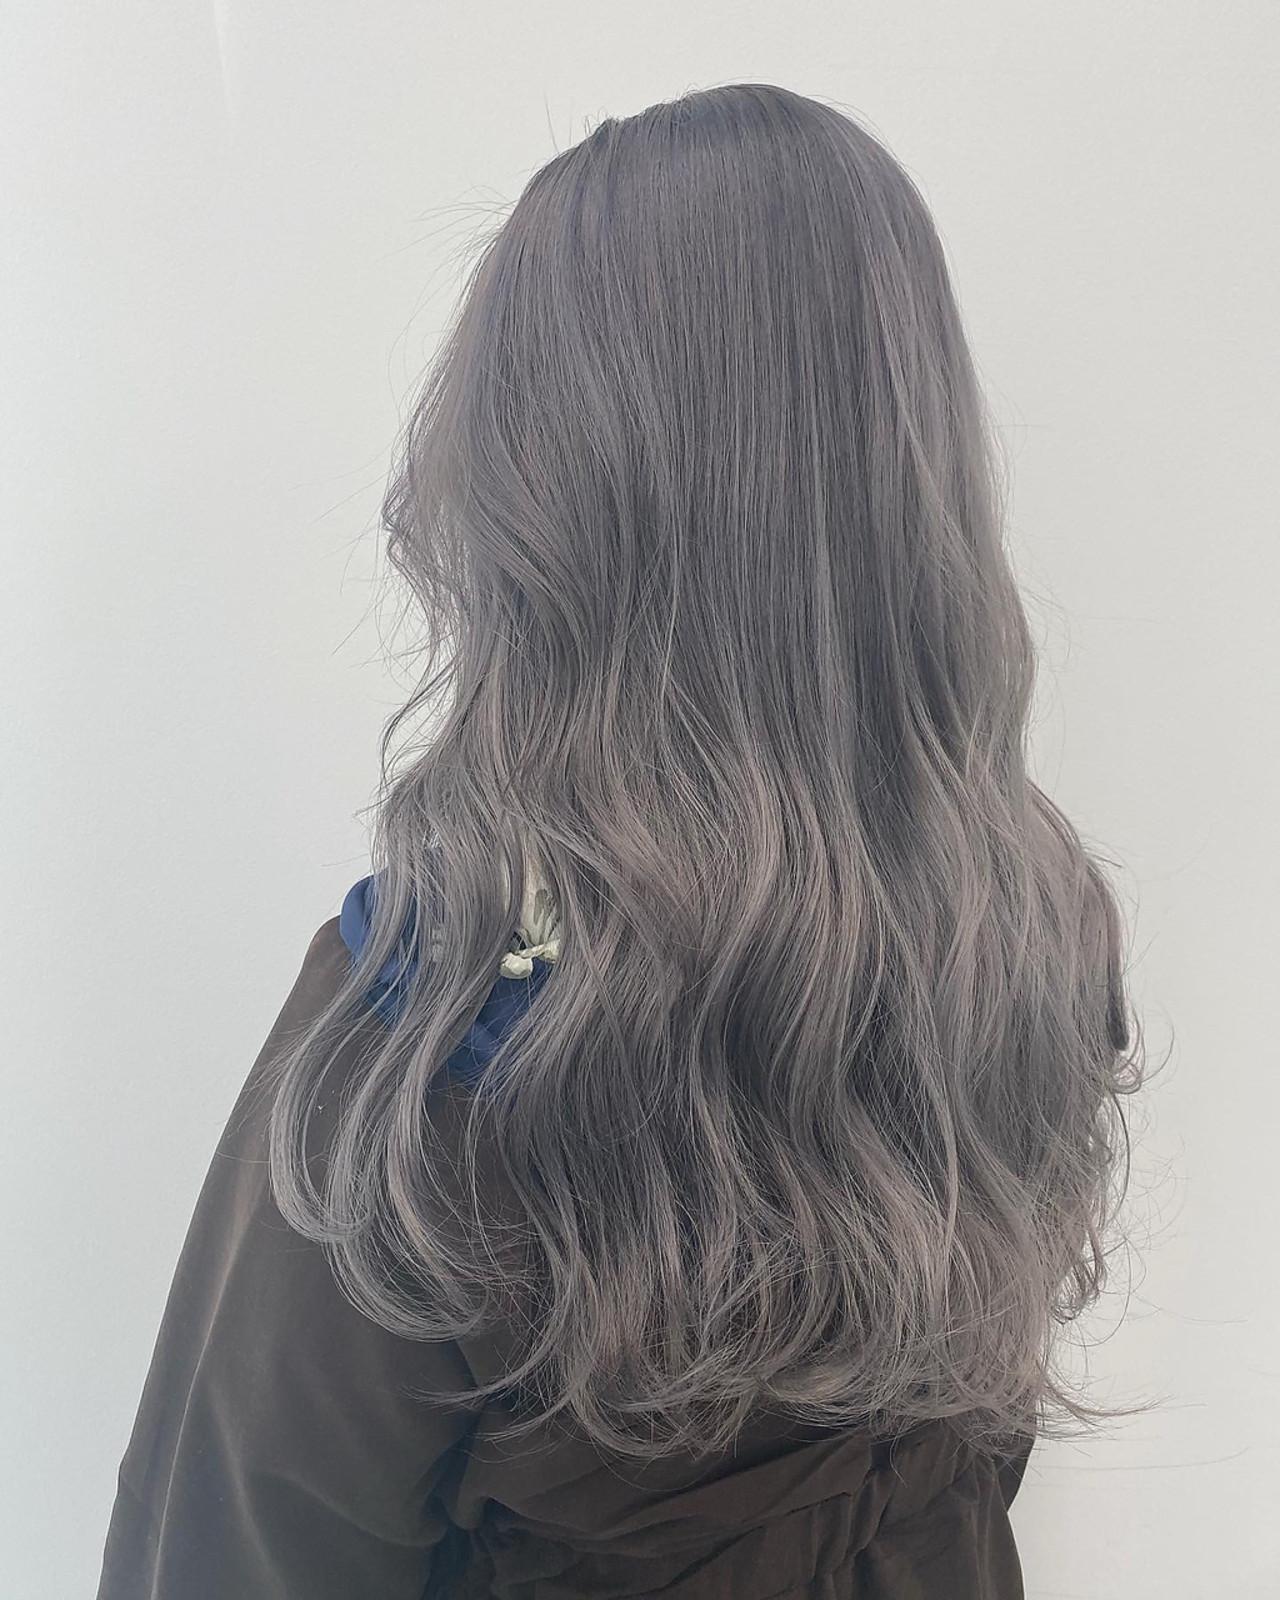 シルバーアッシュ アッシュグレージュ 3Dハイライト モテ髪 ヘアスタイルや髪型の写真・画像